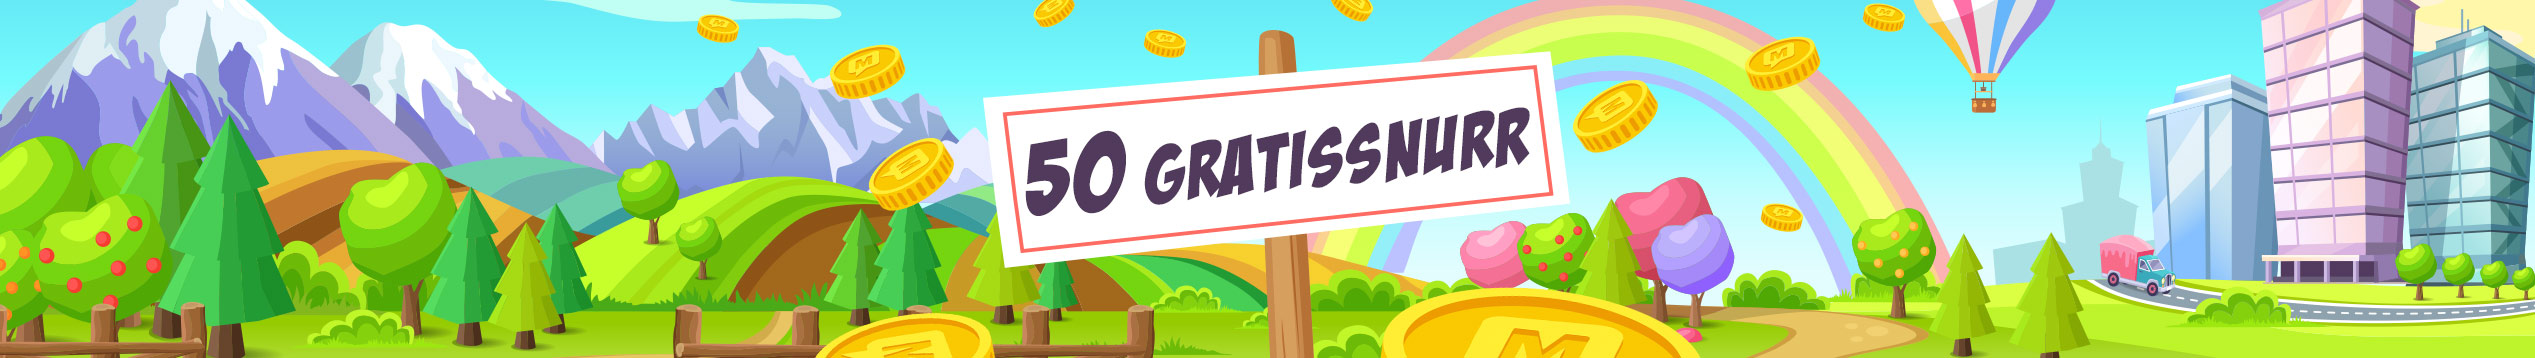 Spela bingo i helgen och belönas med 50 gratissnurr!